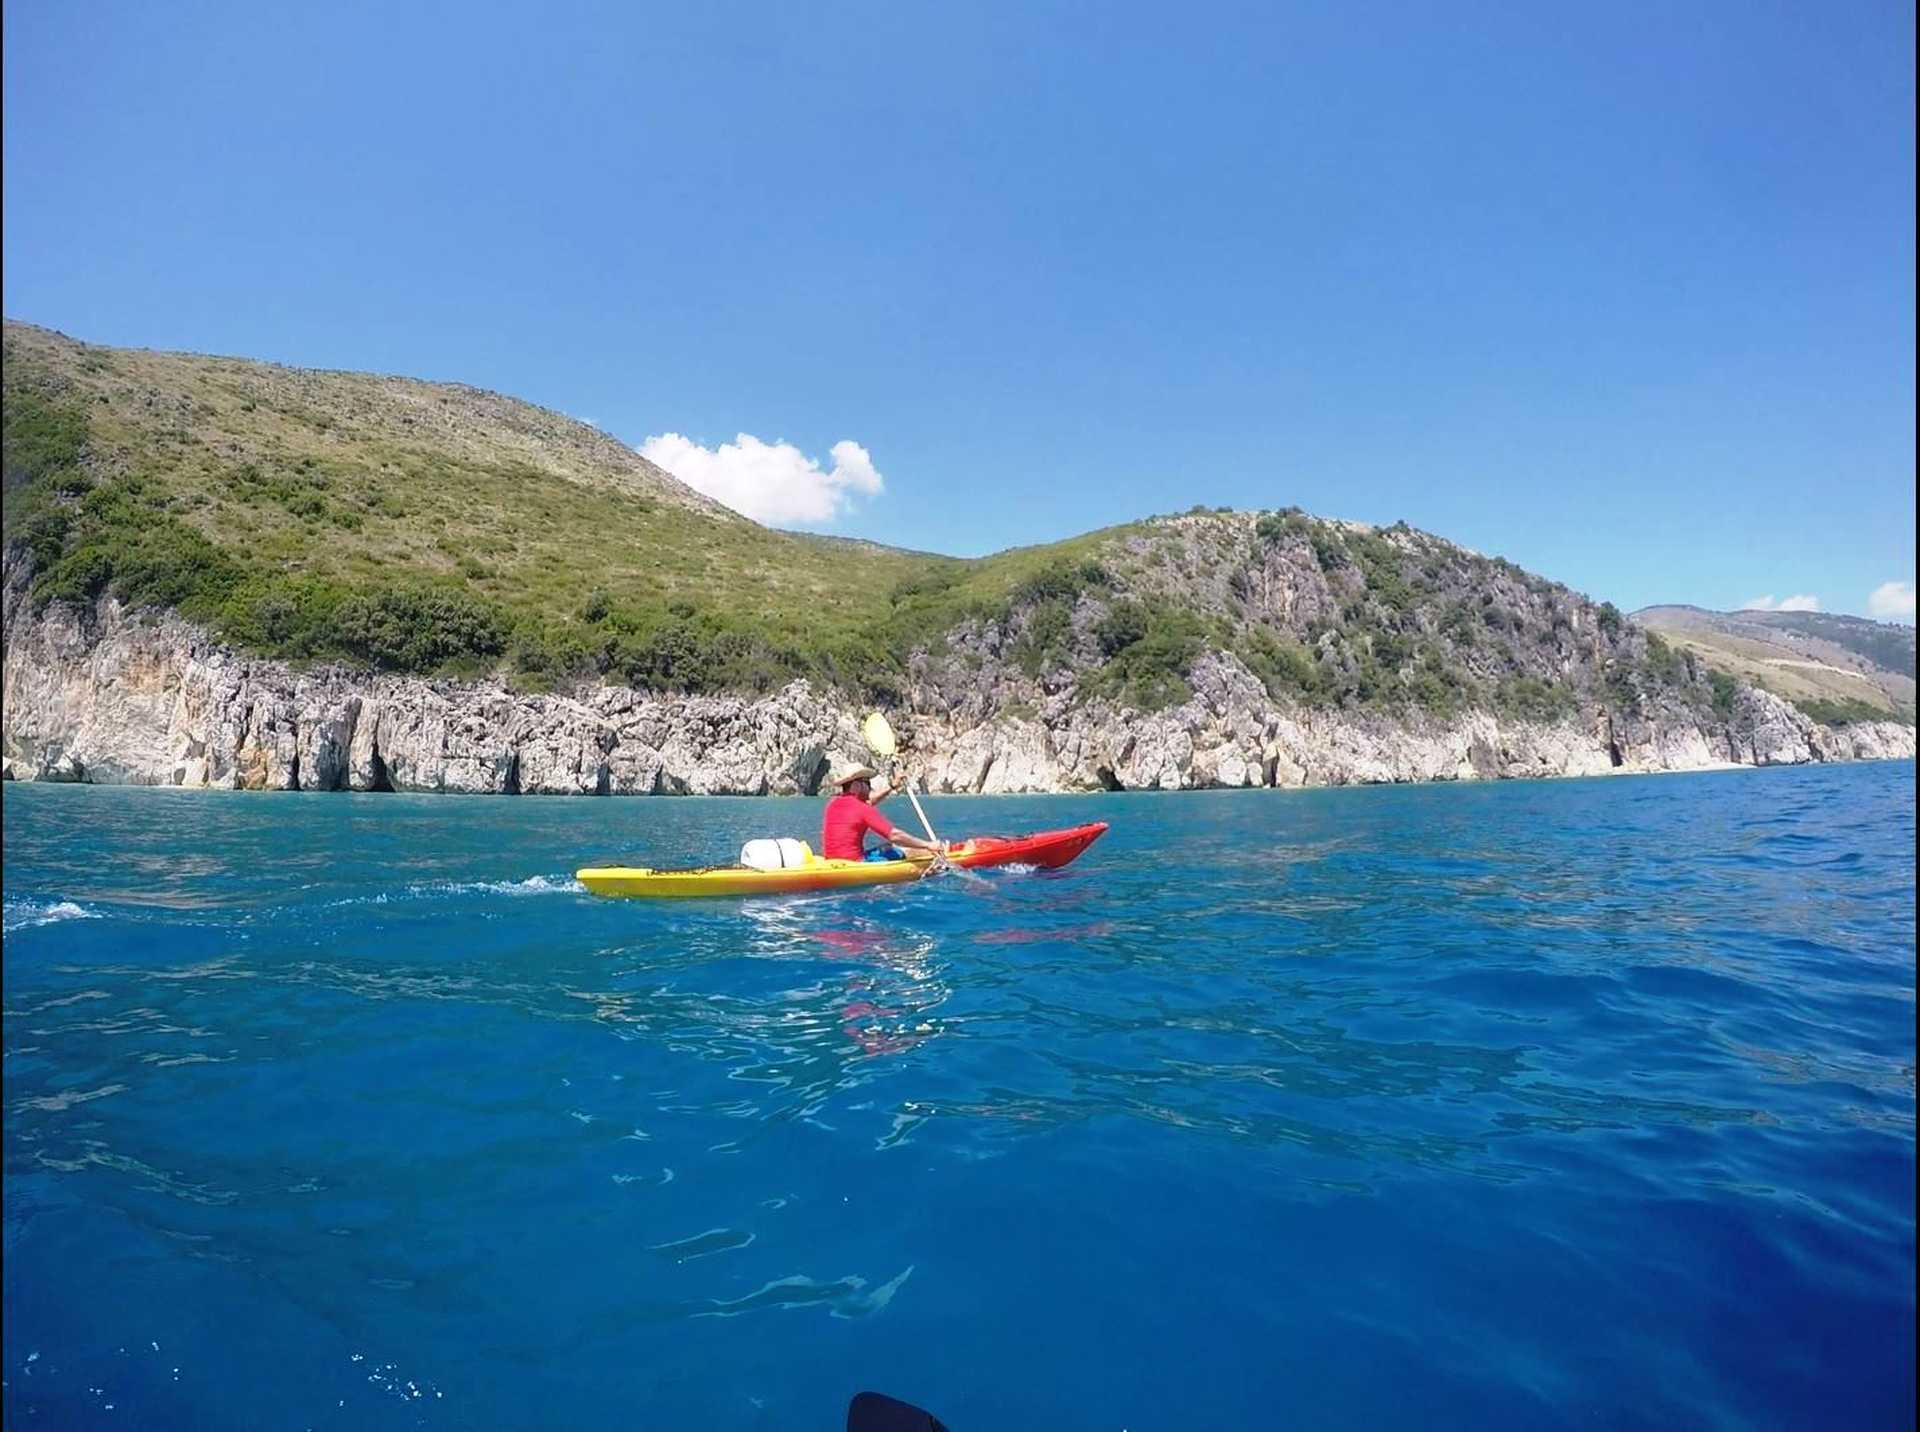 Albanie, kayak en mer Ionienne